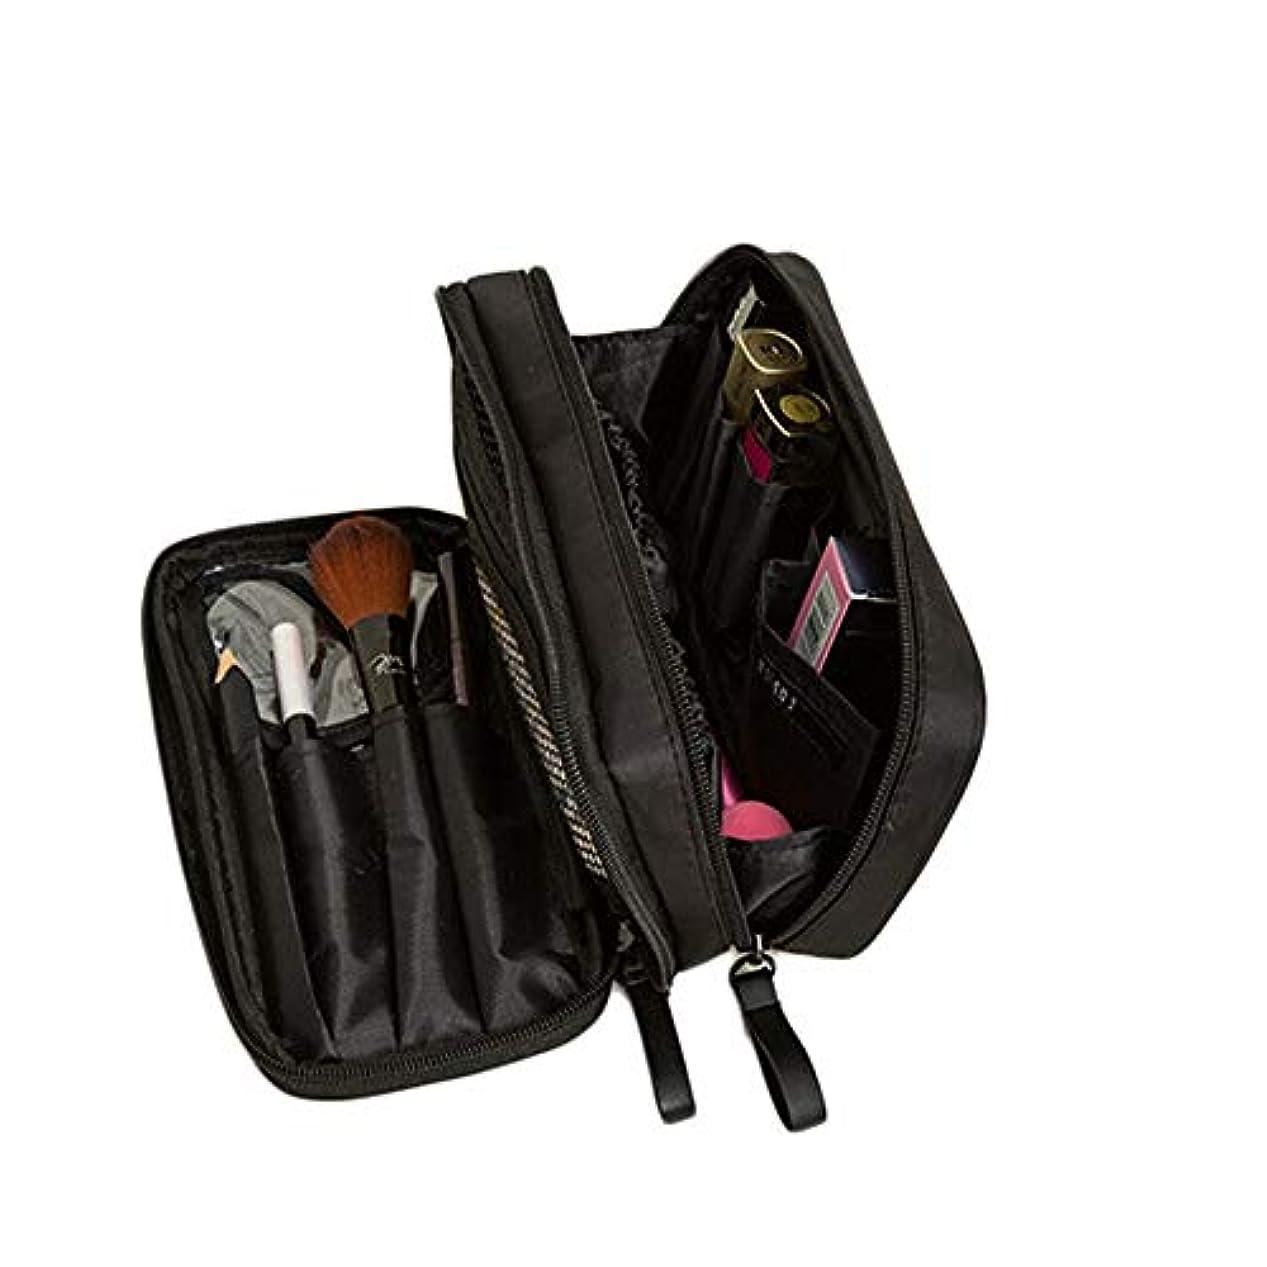 不適切な朝食を食べるキャロライン特大スペース収納ビューティーボックス 携帯用化粧品袋、専門の化粧品袋の札入れの旅行者の密集した二重層化粧品/化粧品のブラシ袋の女性、旅行/電車セットの貯蔵袋。 化粧品化粧台 (色 : ブラック)